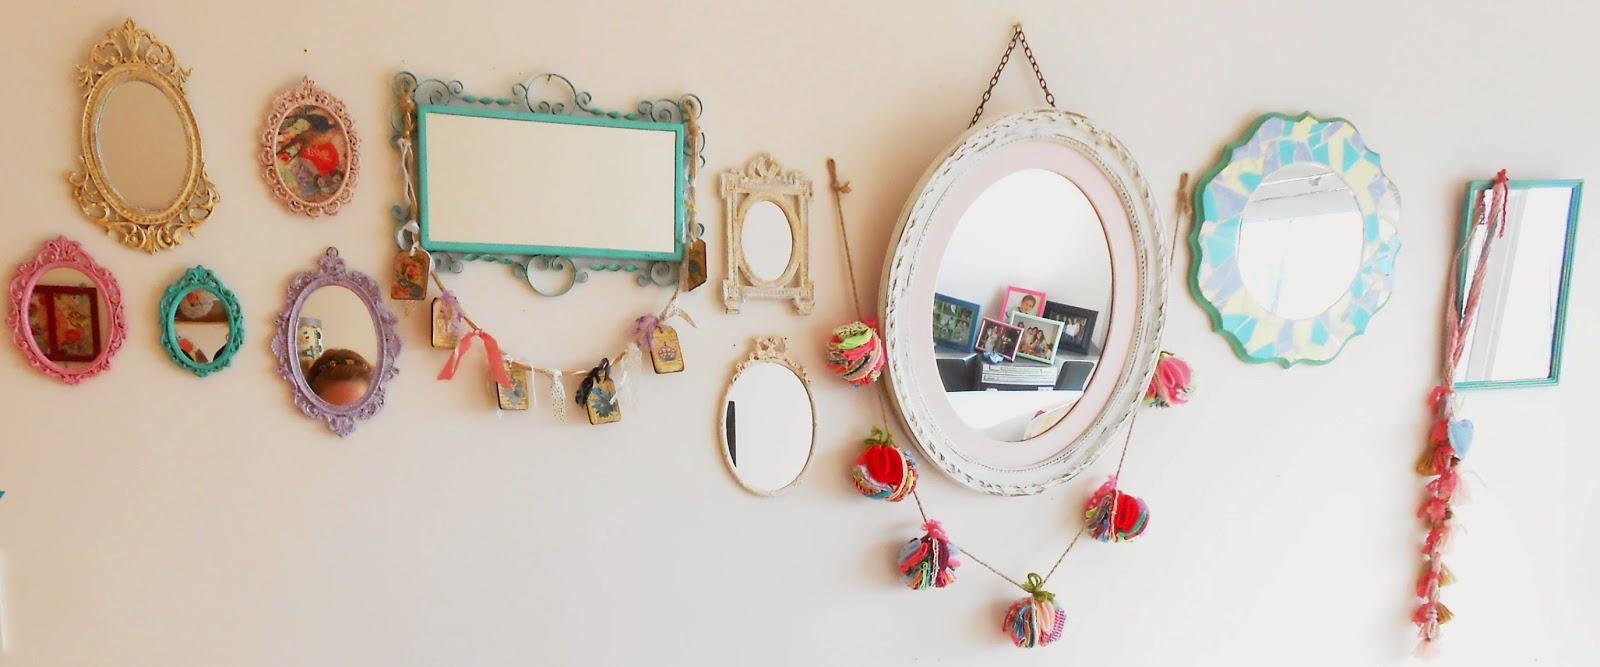 Maison lulu como decorar con espejos - Como se hacen los espejos ...